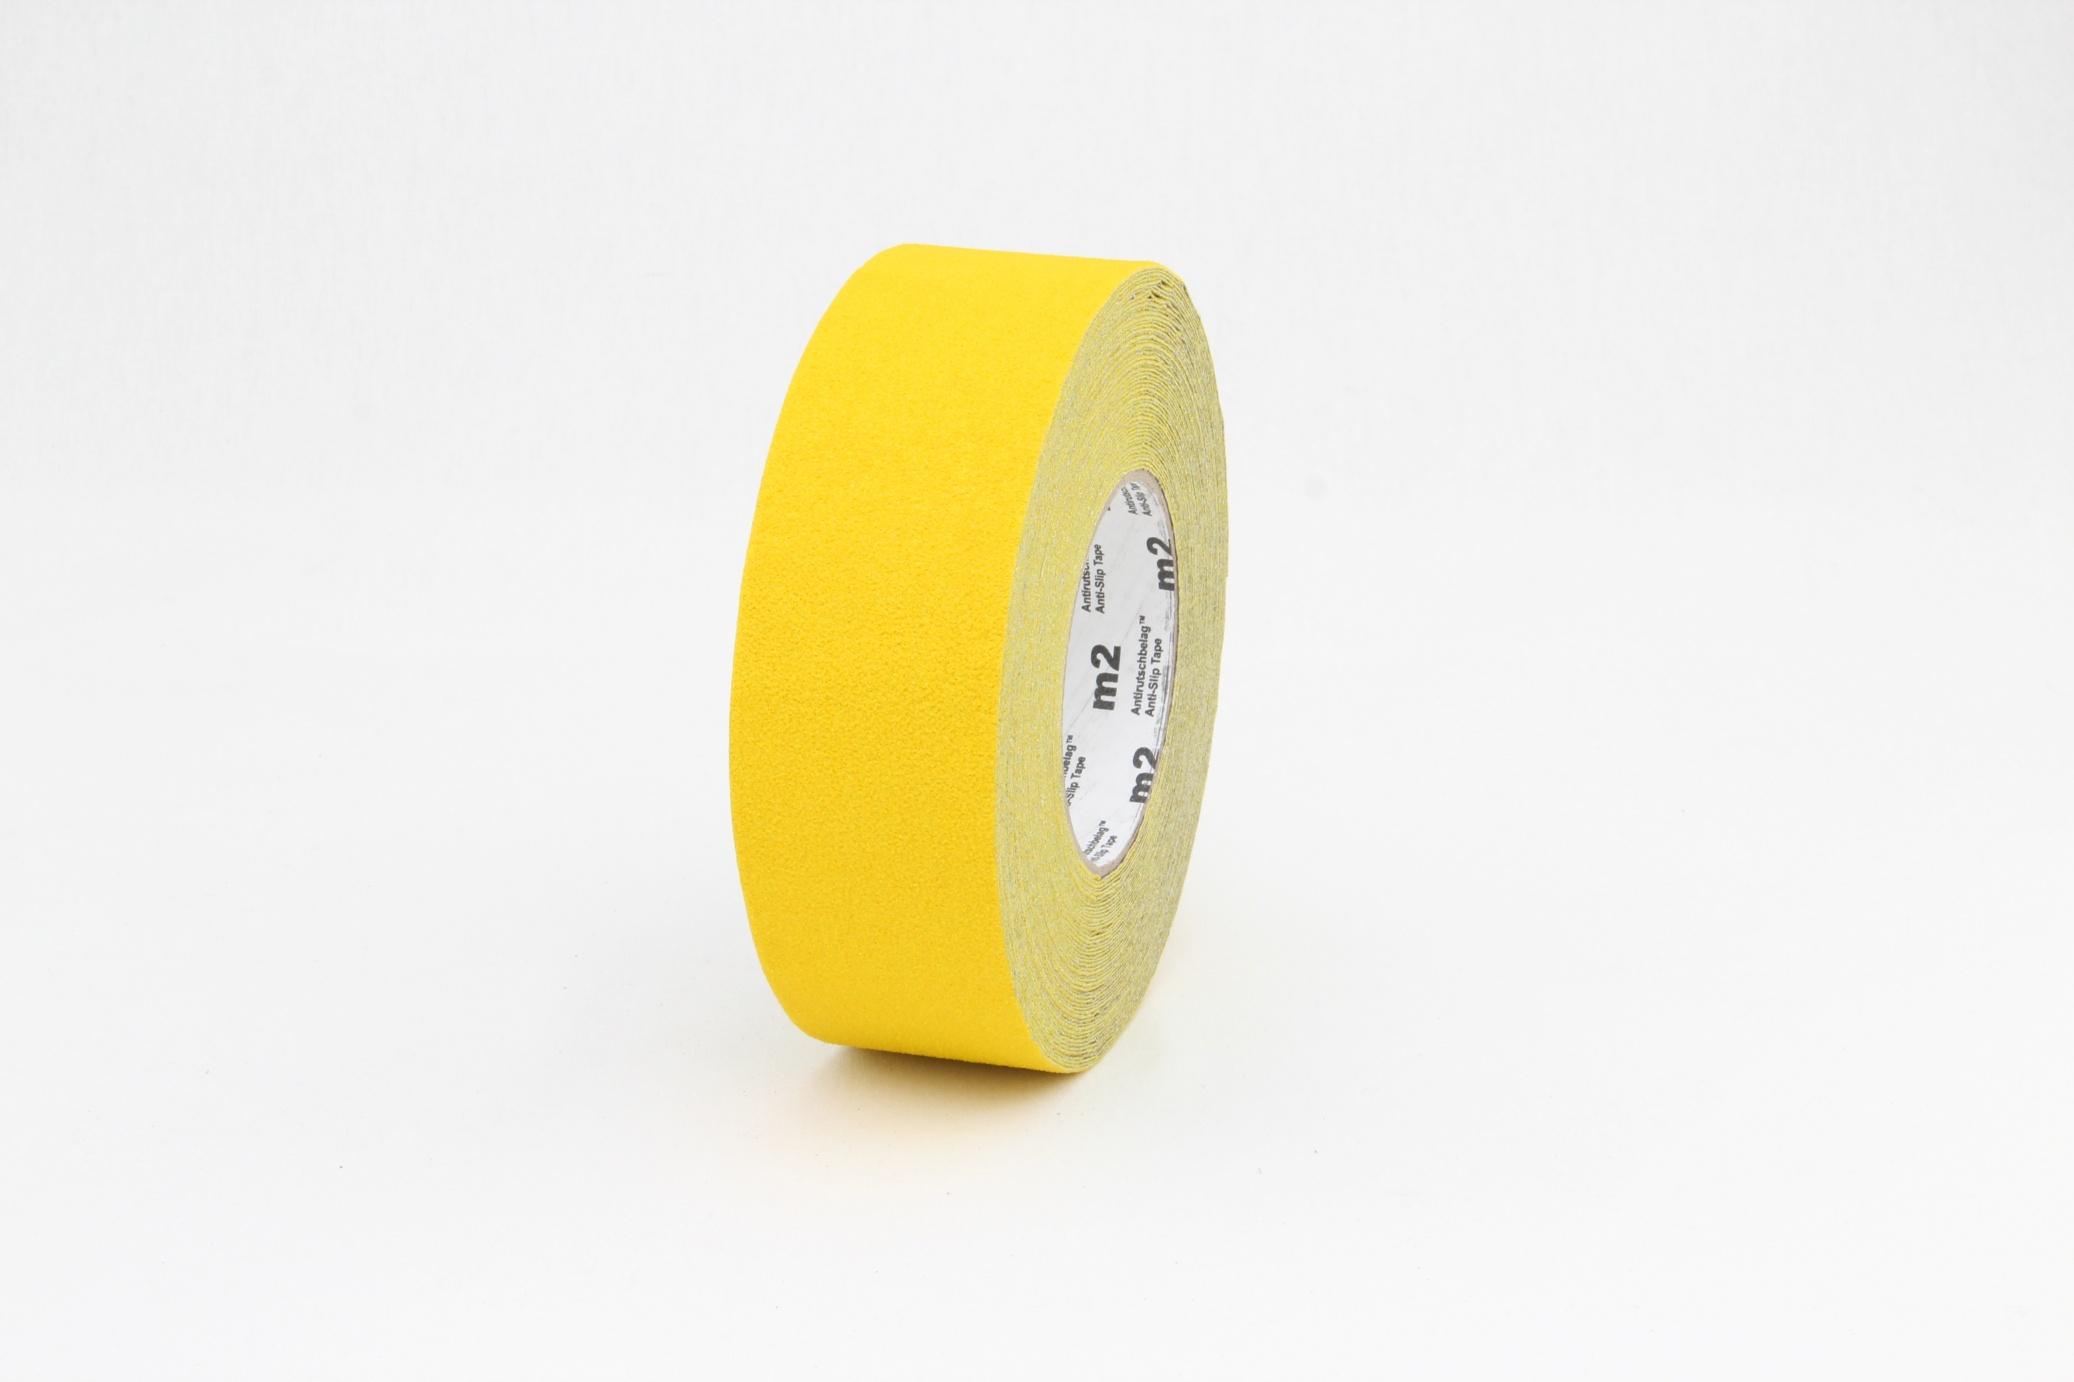 Taśma antypoślizgowa elastyczna żółta R13